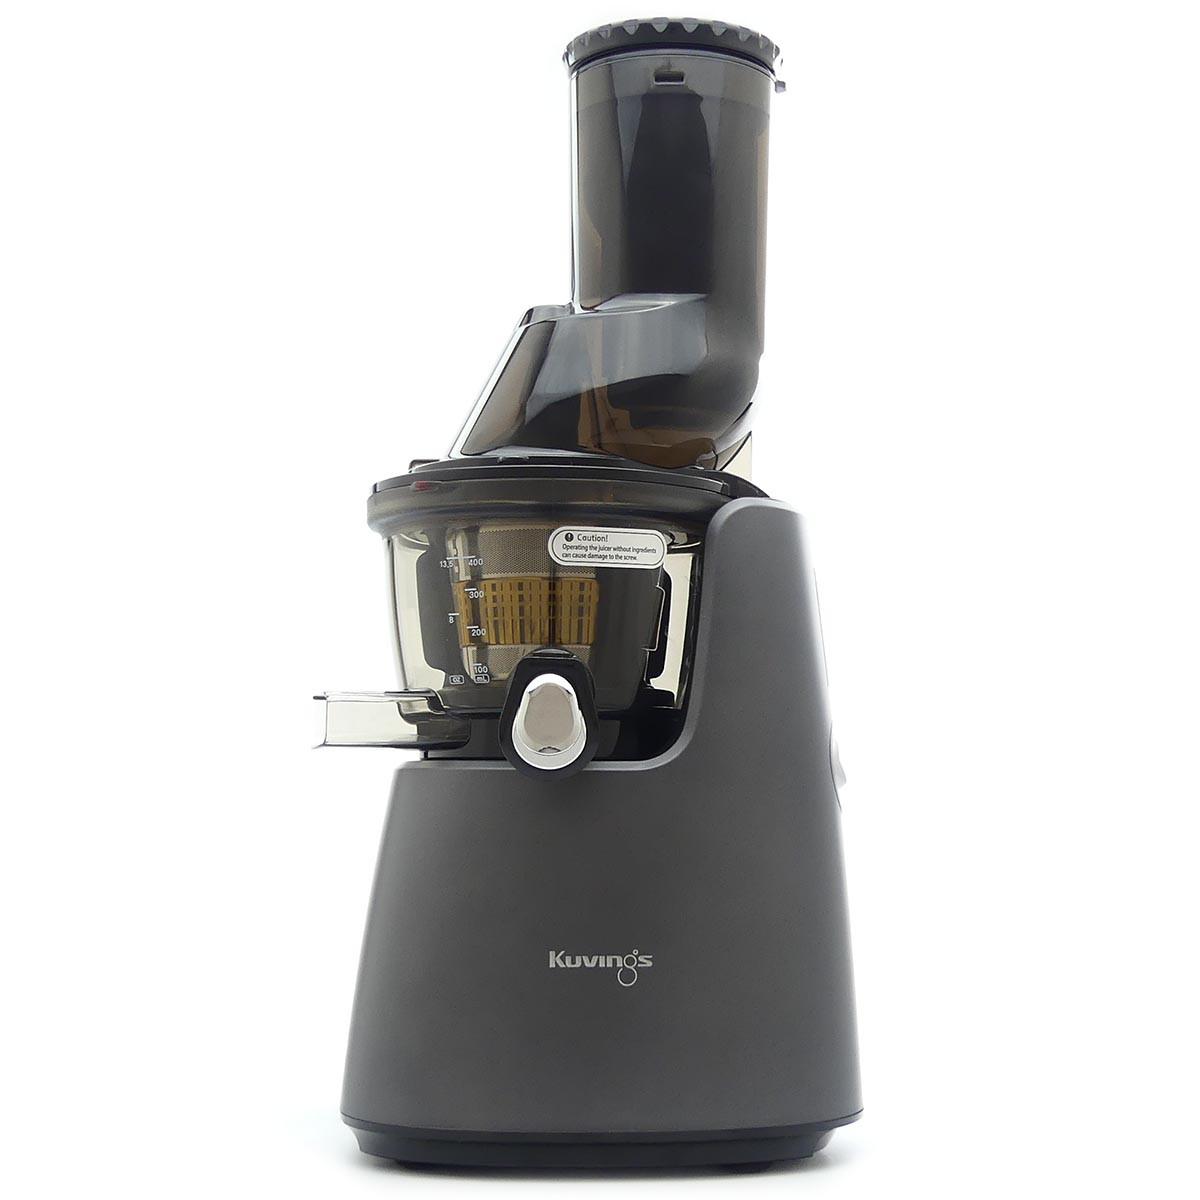 Kuvings Whole Fruit Juicer C9500 in Matte Gunmetal